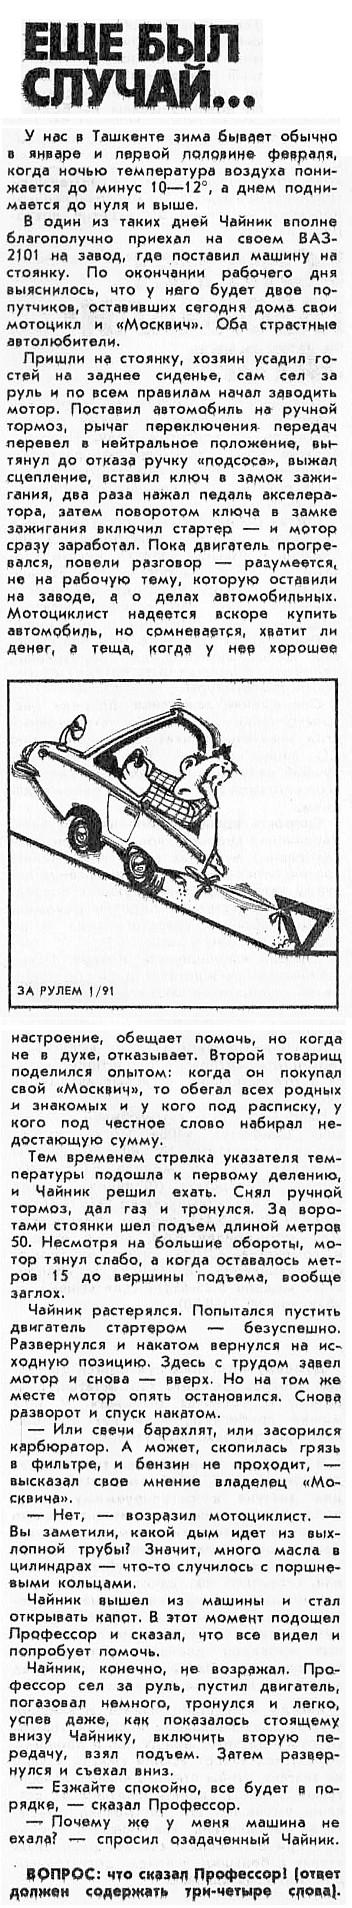 Ещё был случай... За рулем, Москвич, Ваз-2101, Задача, Автомобильная неисправность, Подшивка, Журнал, Скан, Длиннопост